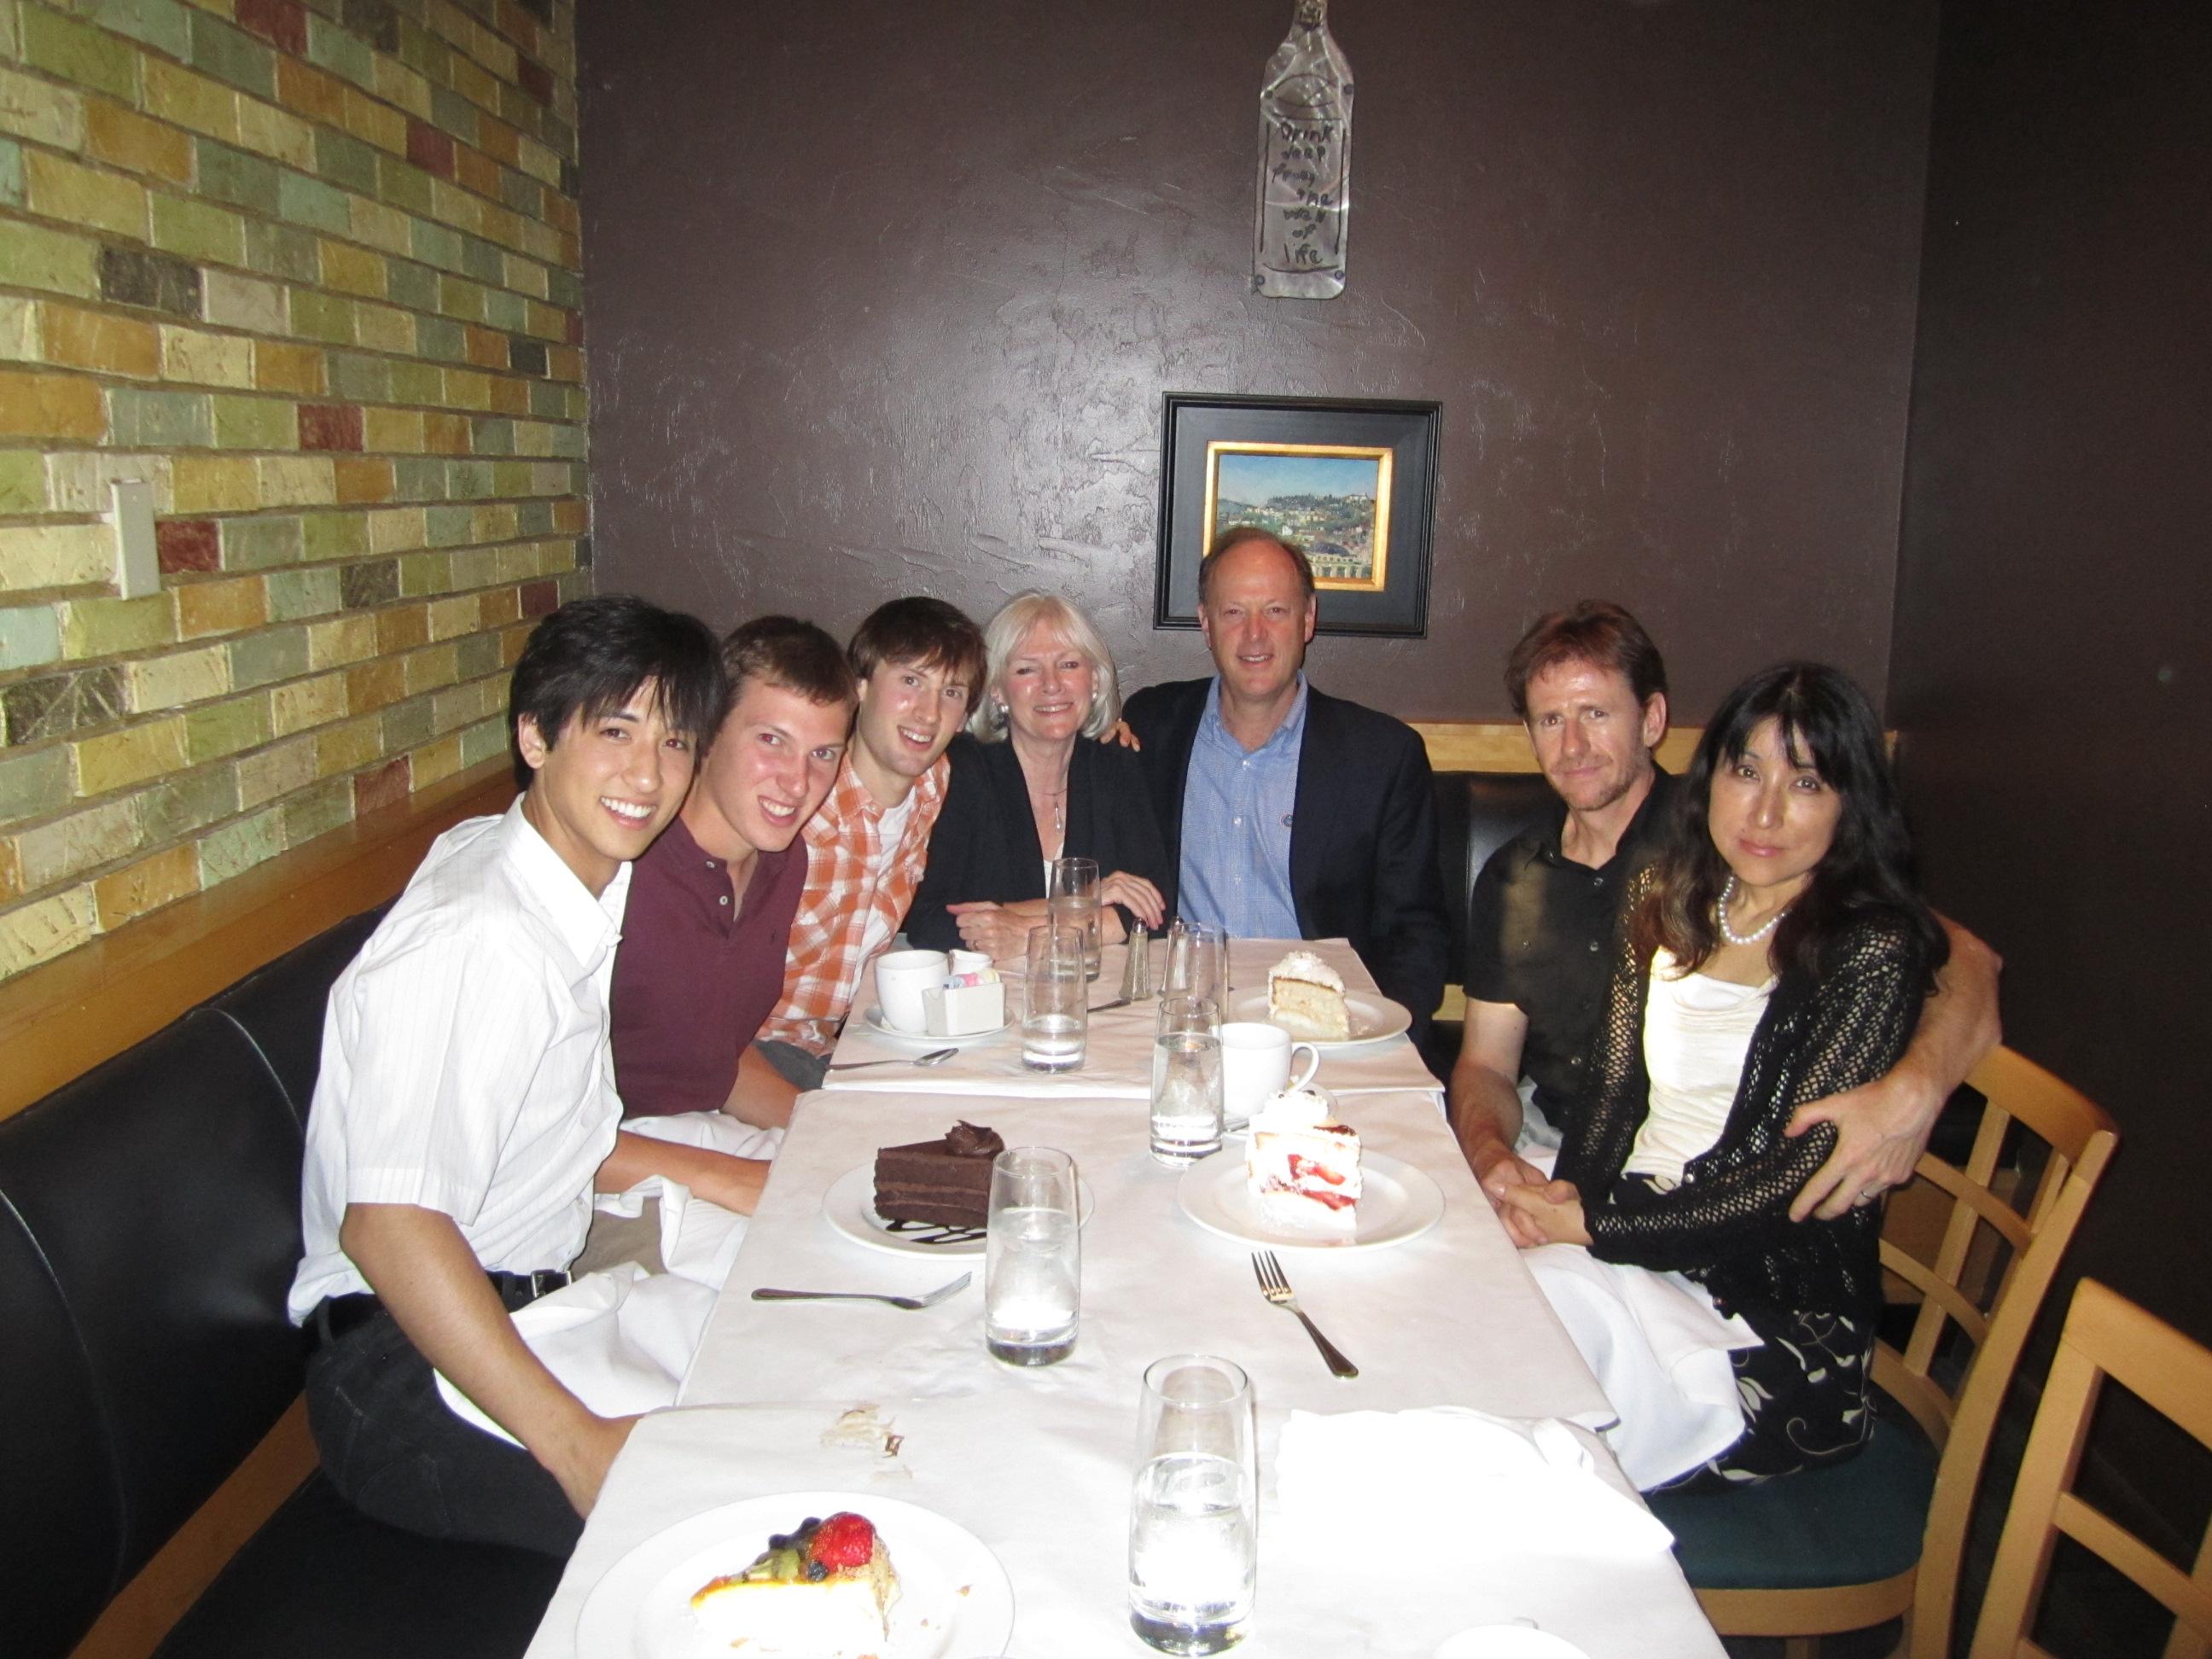 両親がフロリダに訪ねてきたとき。滞在先のVassar大学の友人とご両親、一番左が石井さん。